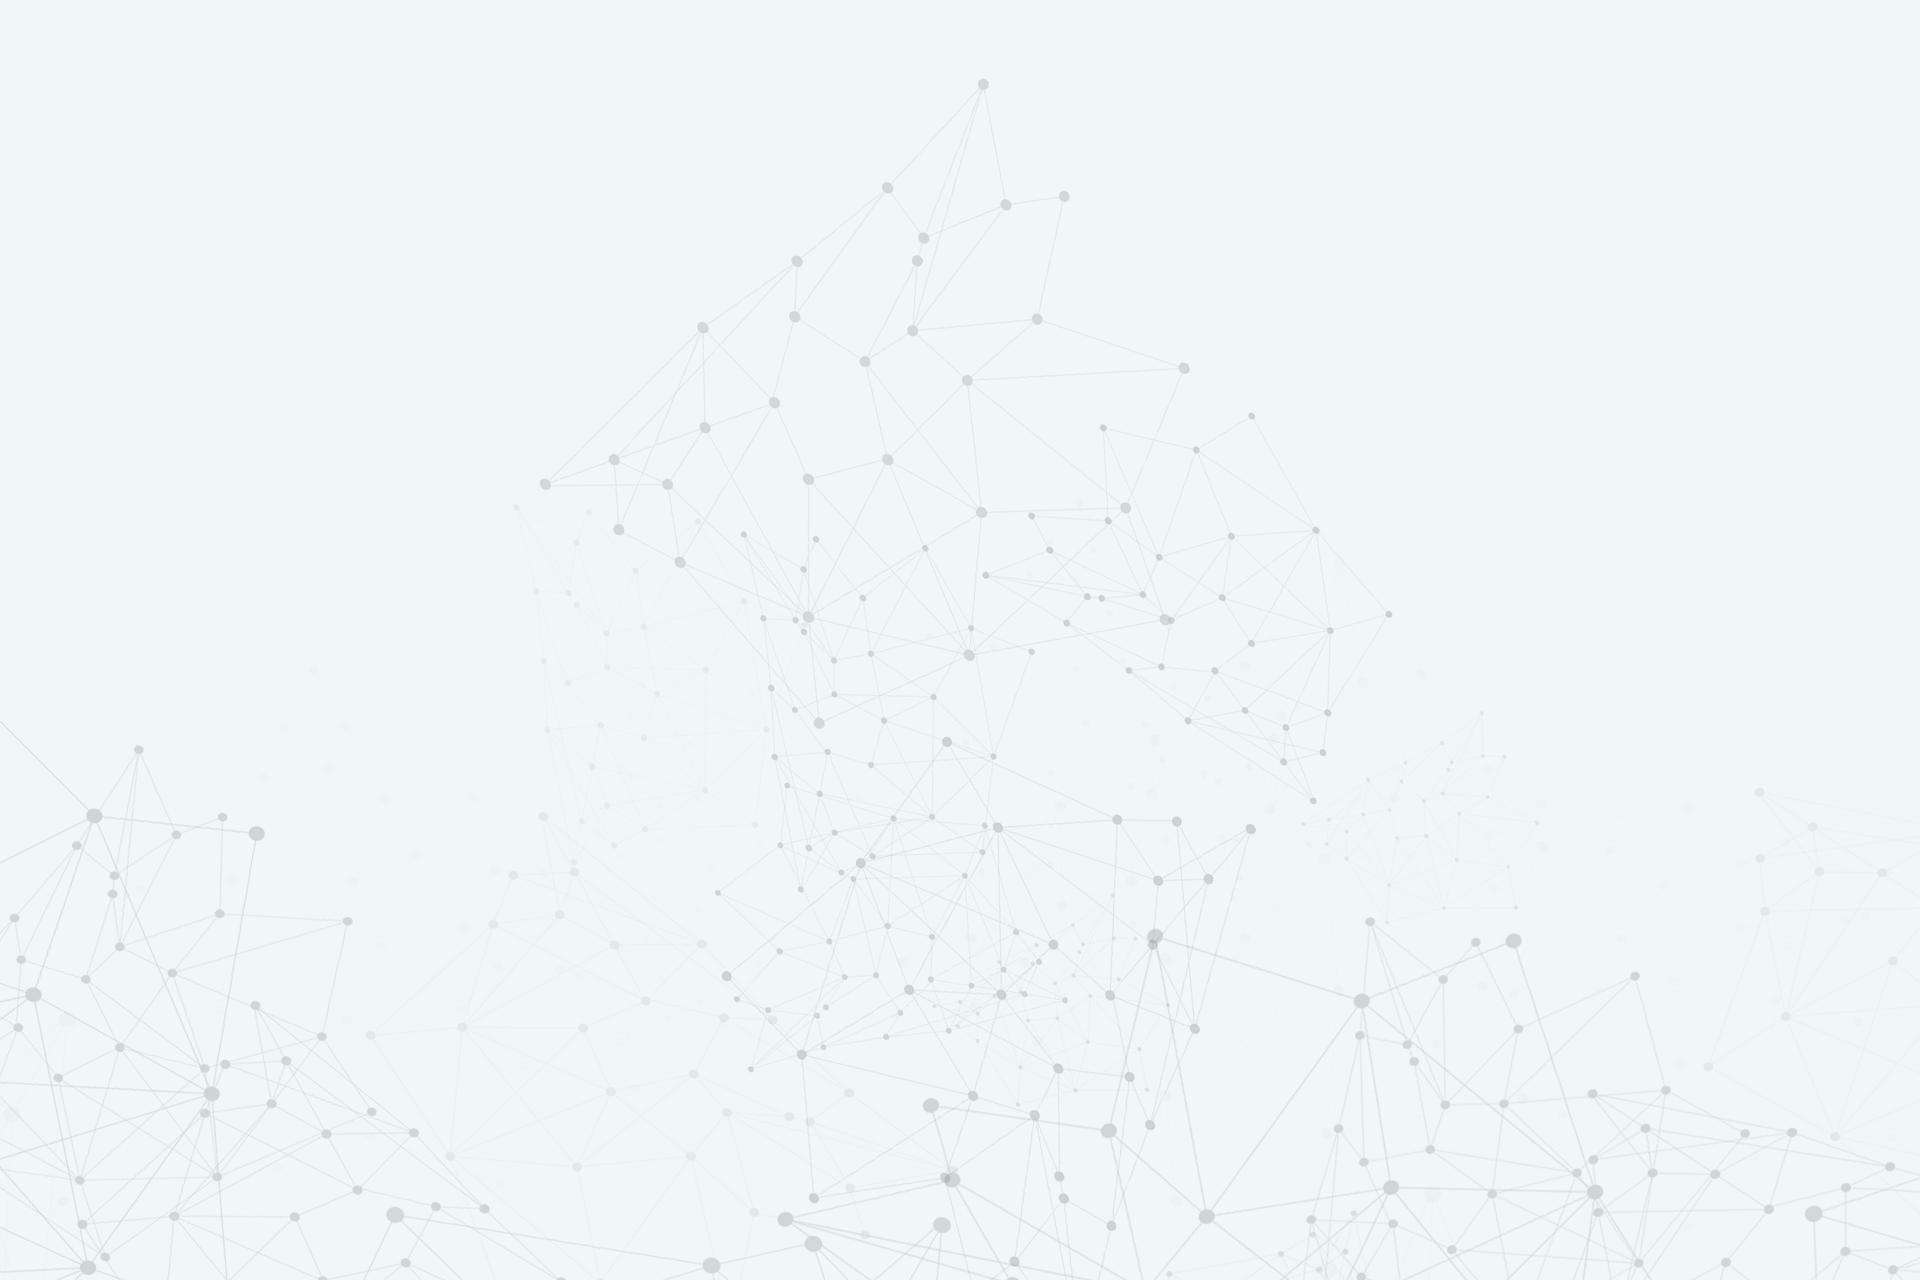 fondo-puntos-blanco-home-escuela-de-marketing-digital